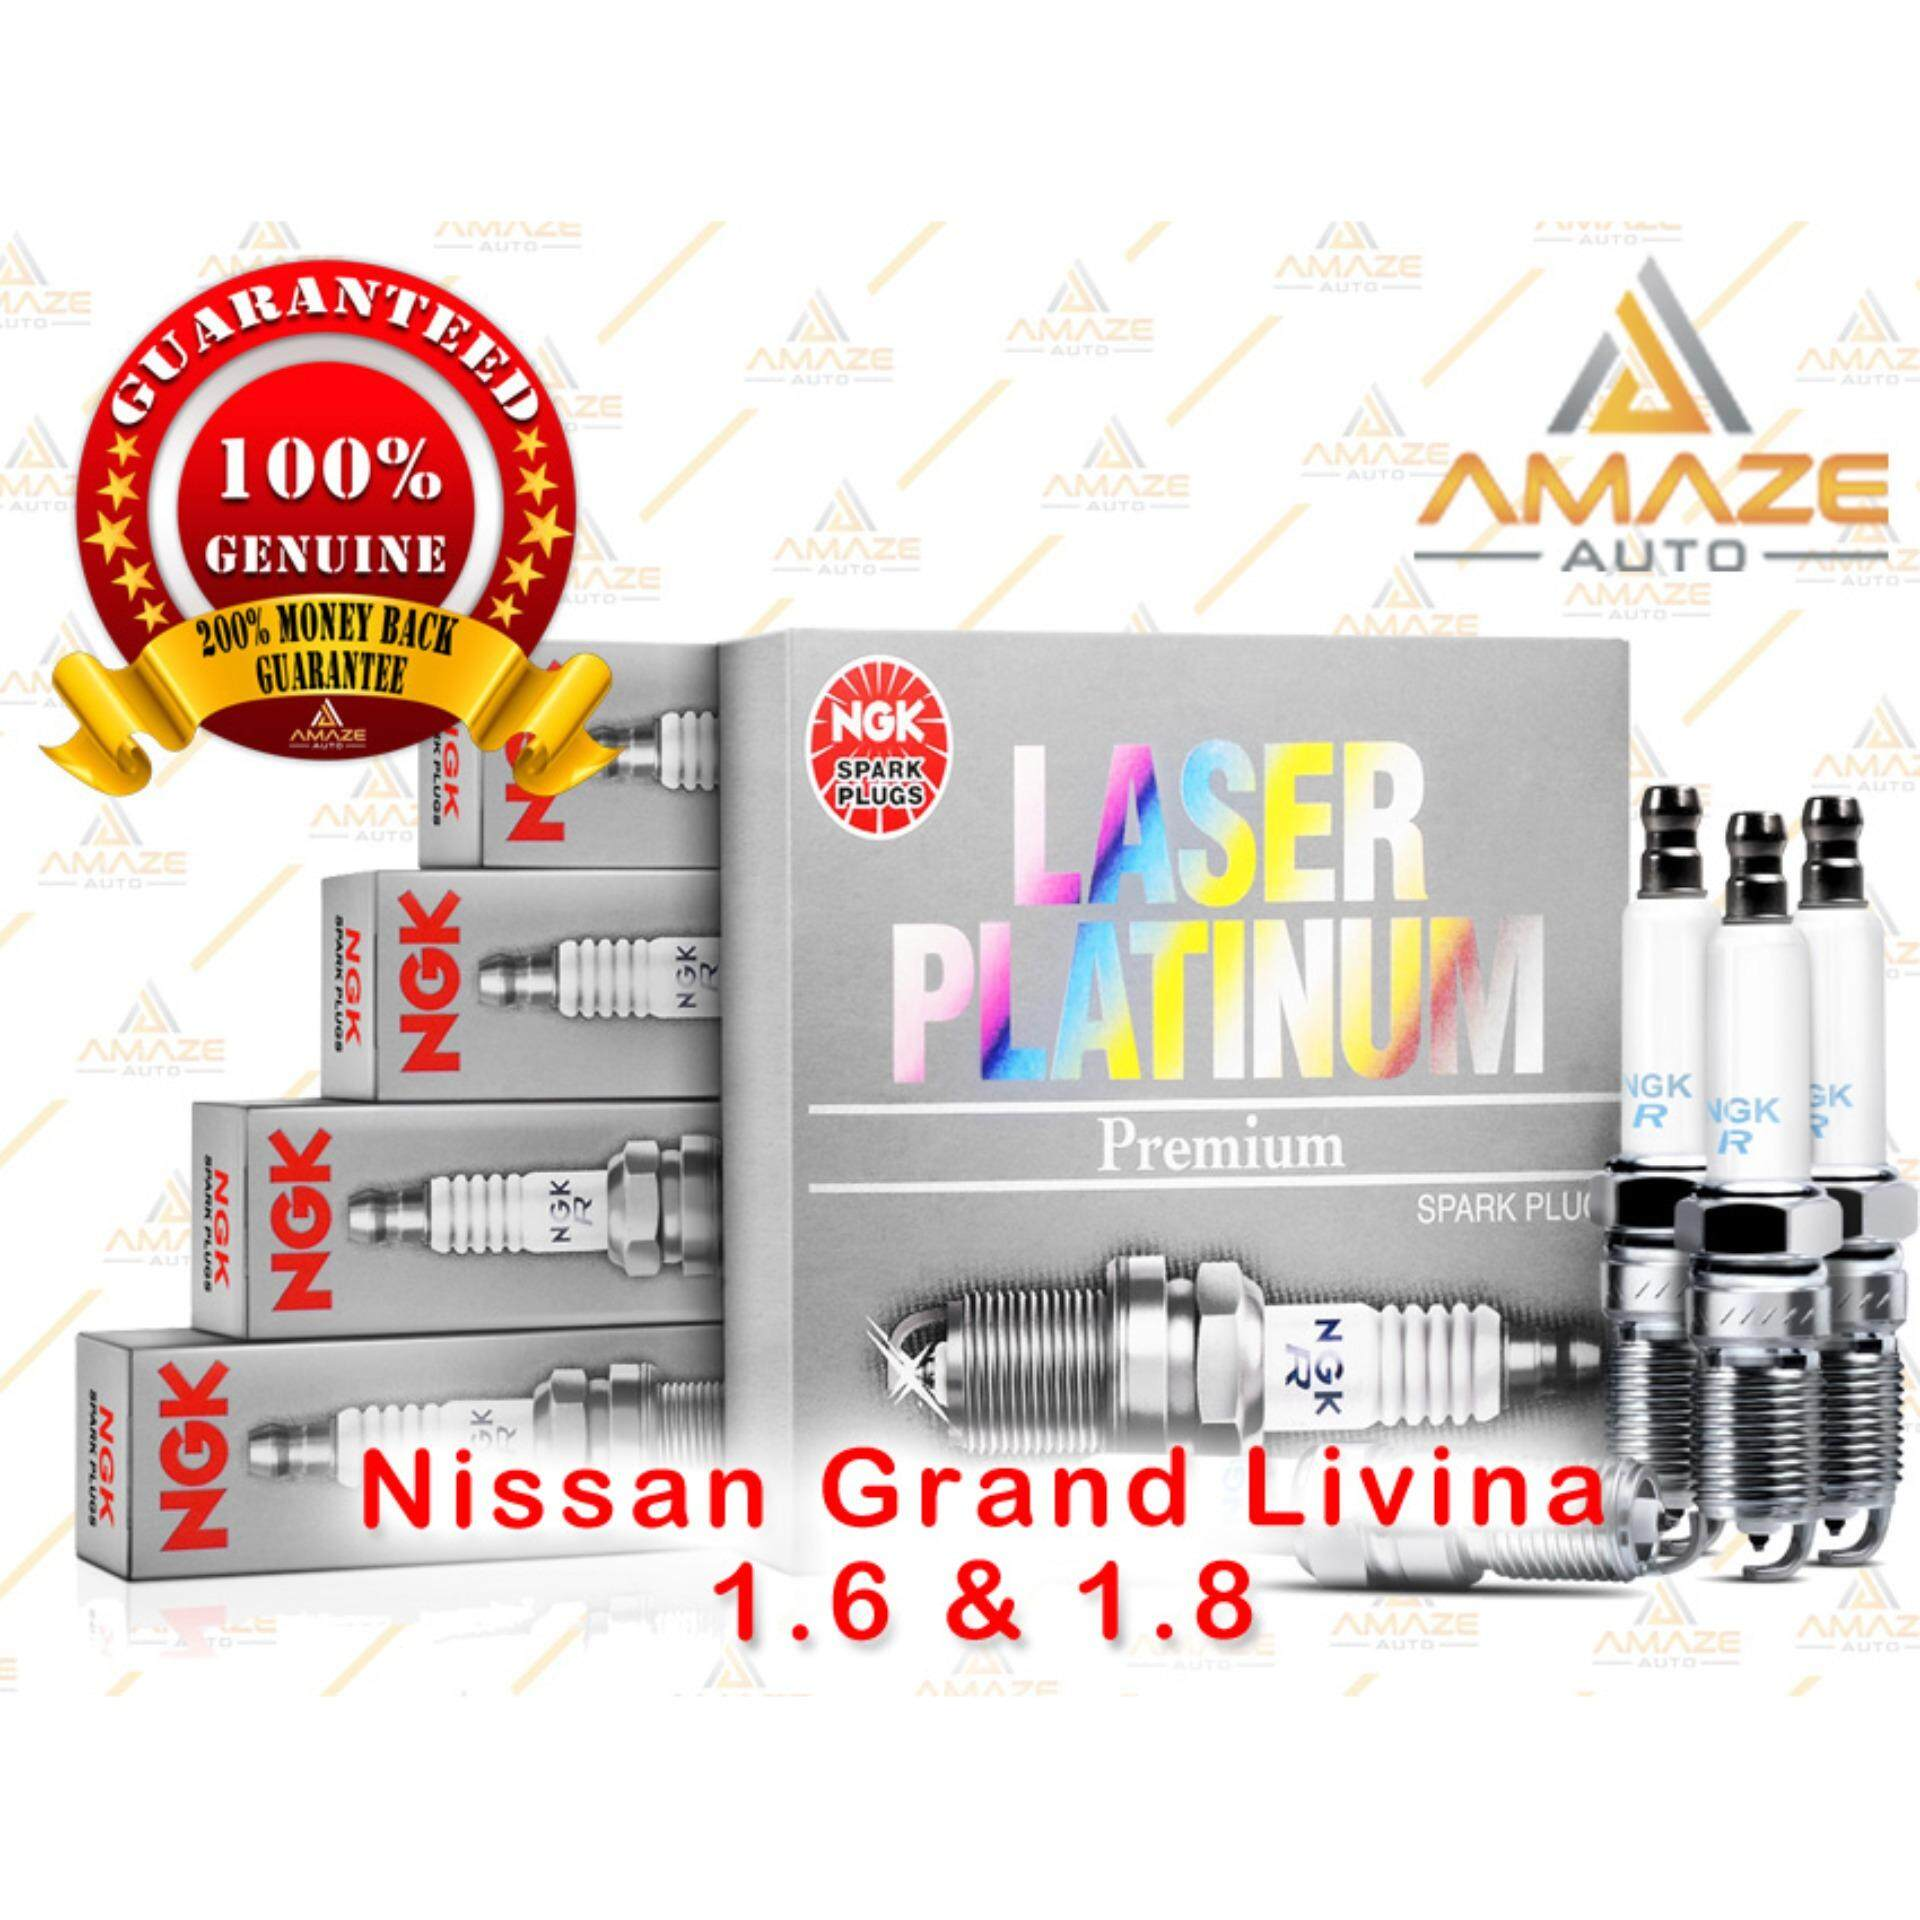 NGK Laser Platinum Spark Plug for Nissan Grand Livina 1.6 & 1.8 (2007 - Current)